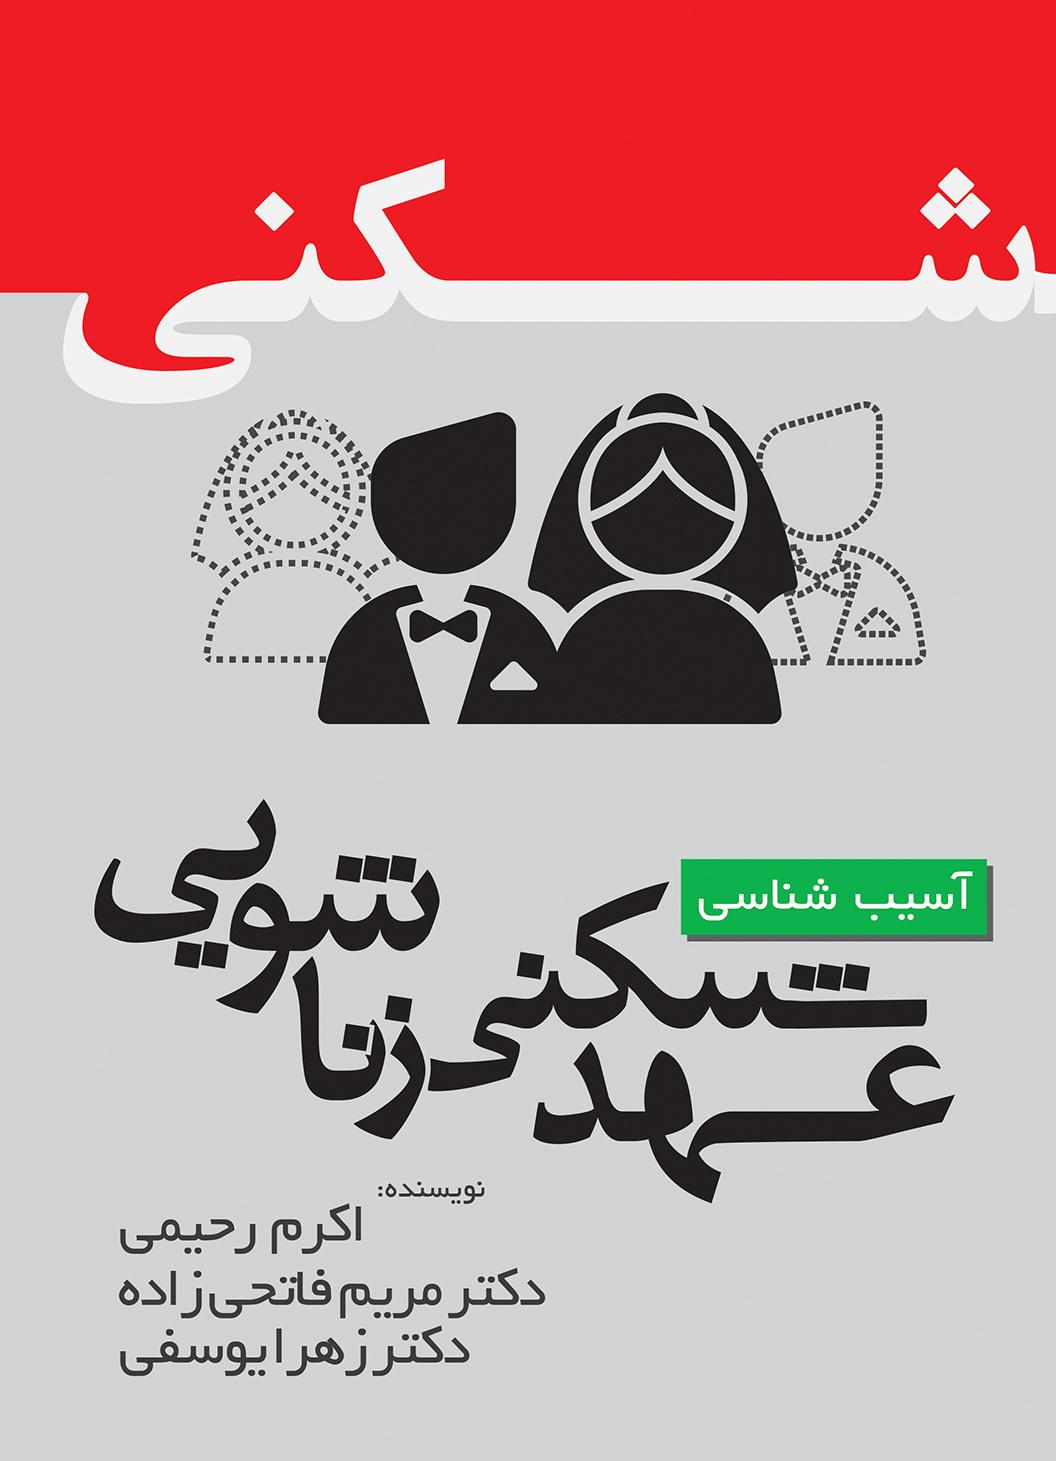 طراحی جلد کتاب رایگان - چاپ کتاب شما